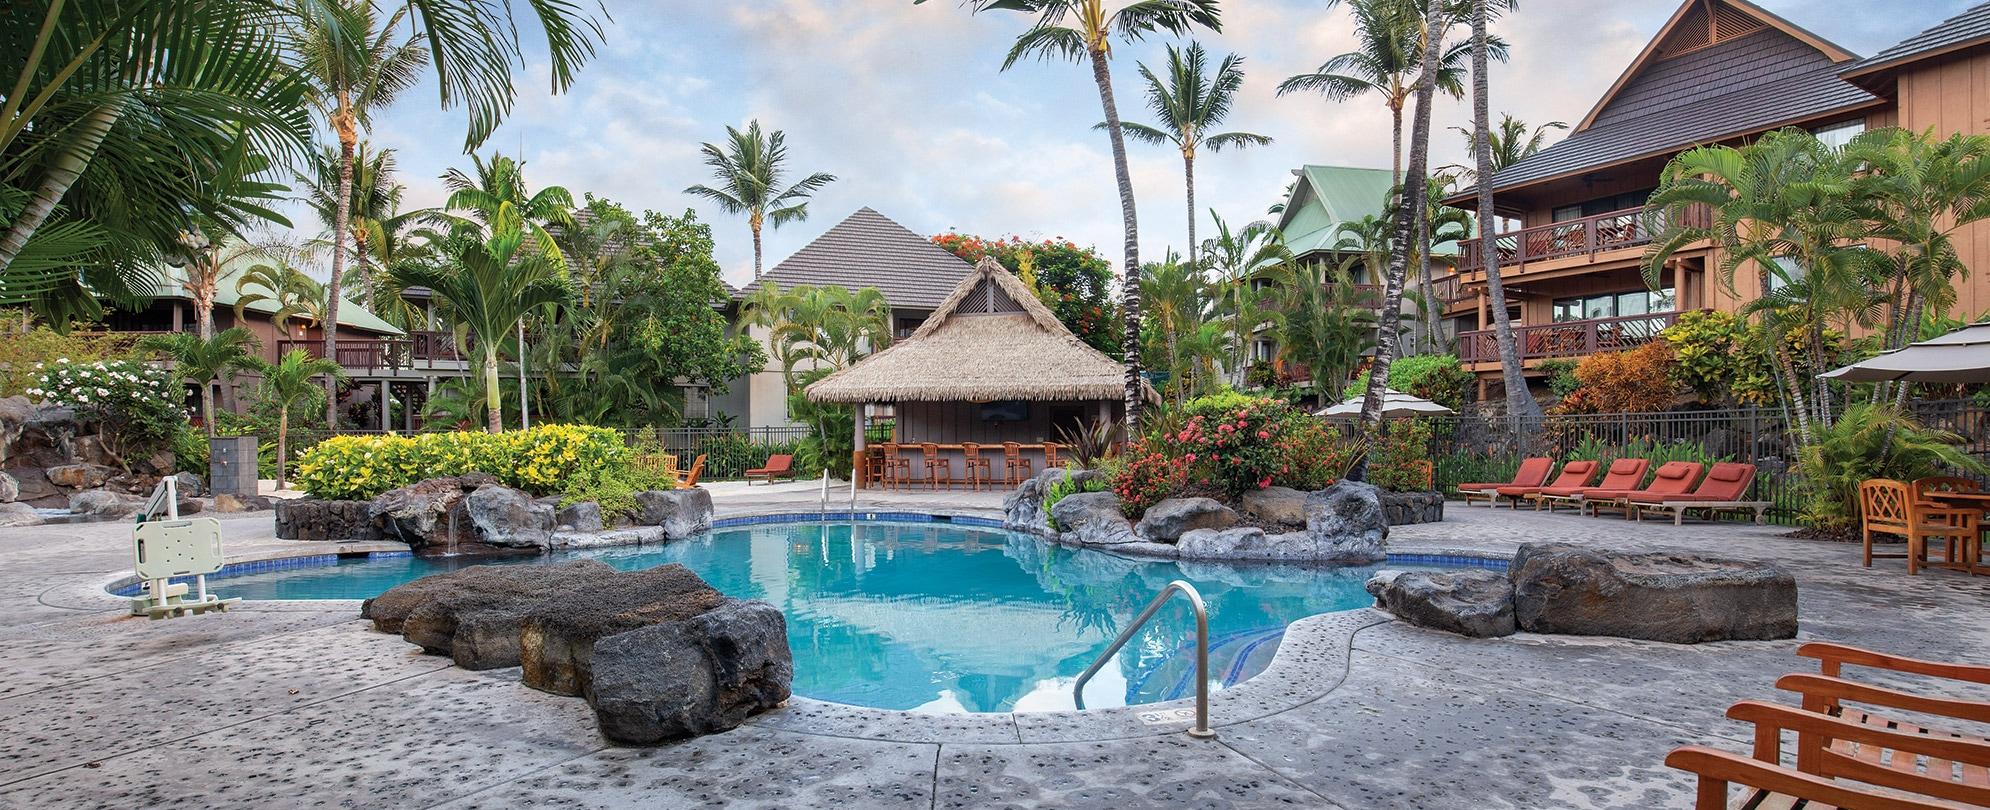 Kailua Kona Hawaii Hawaiian